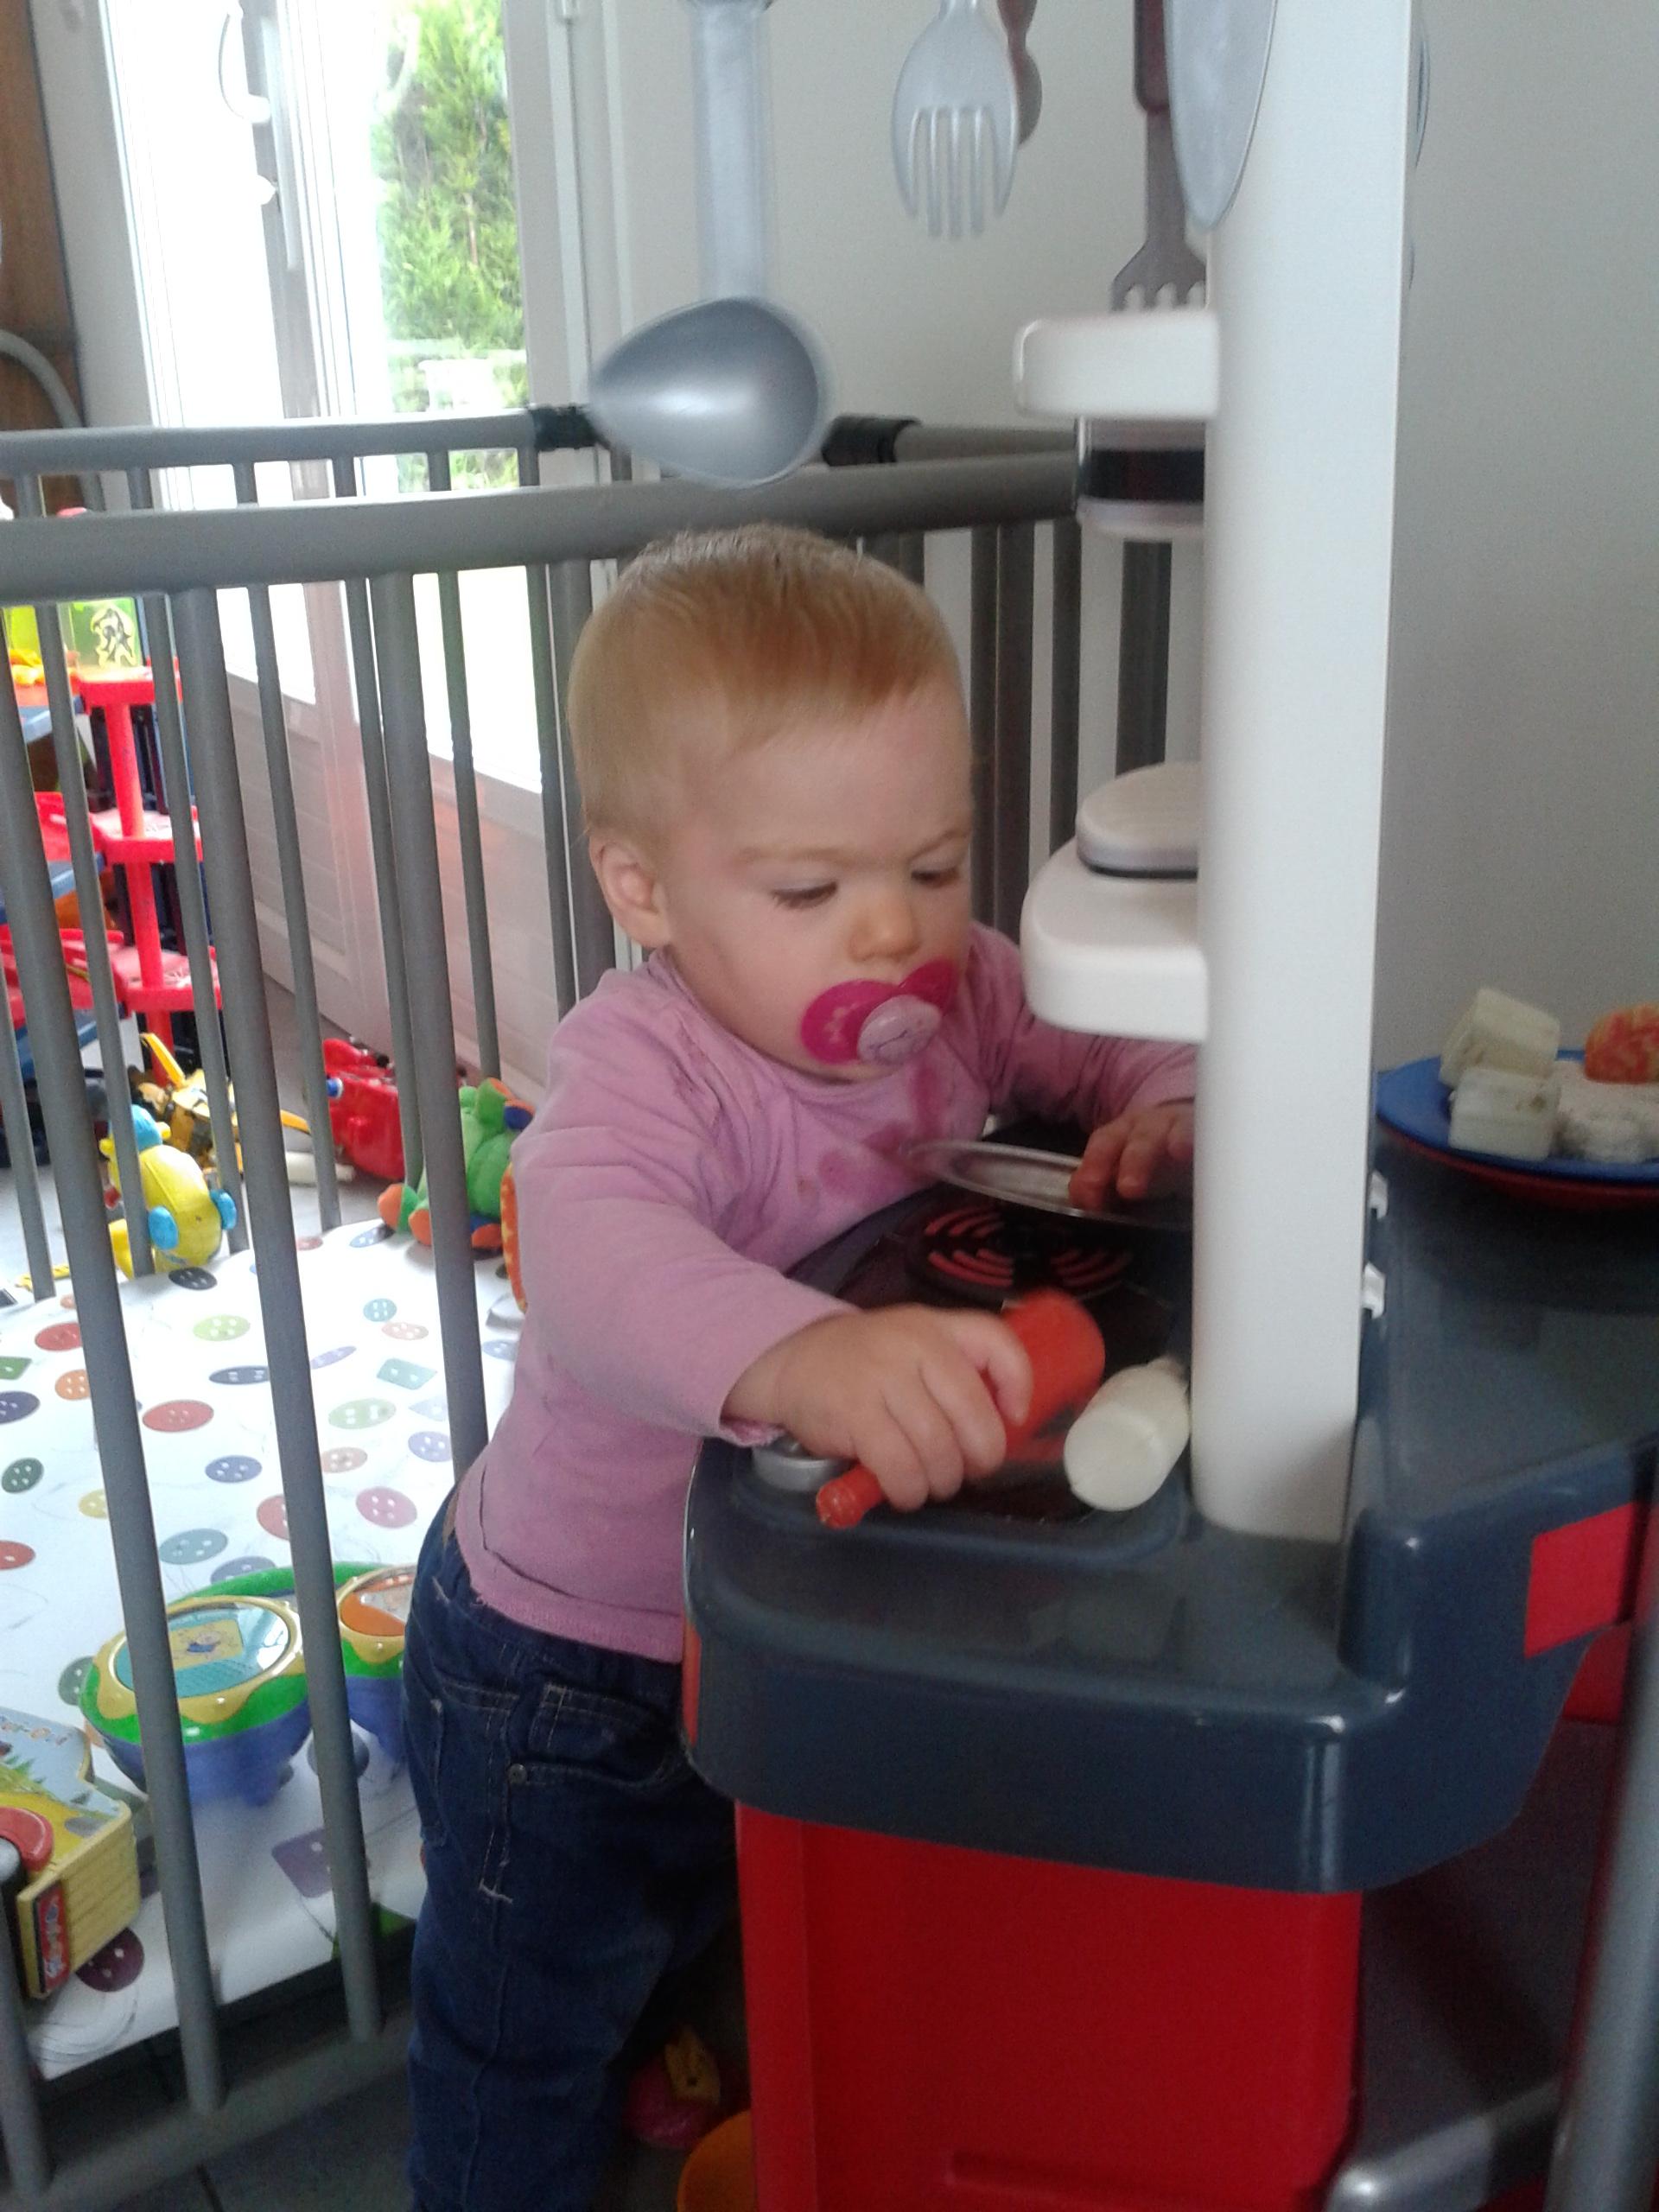 539775db07af9 cadeau pour les 1 an de ma fille - Achats pour bébé - FORUM ...